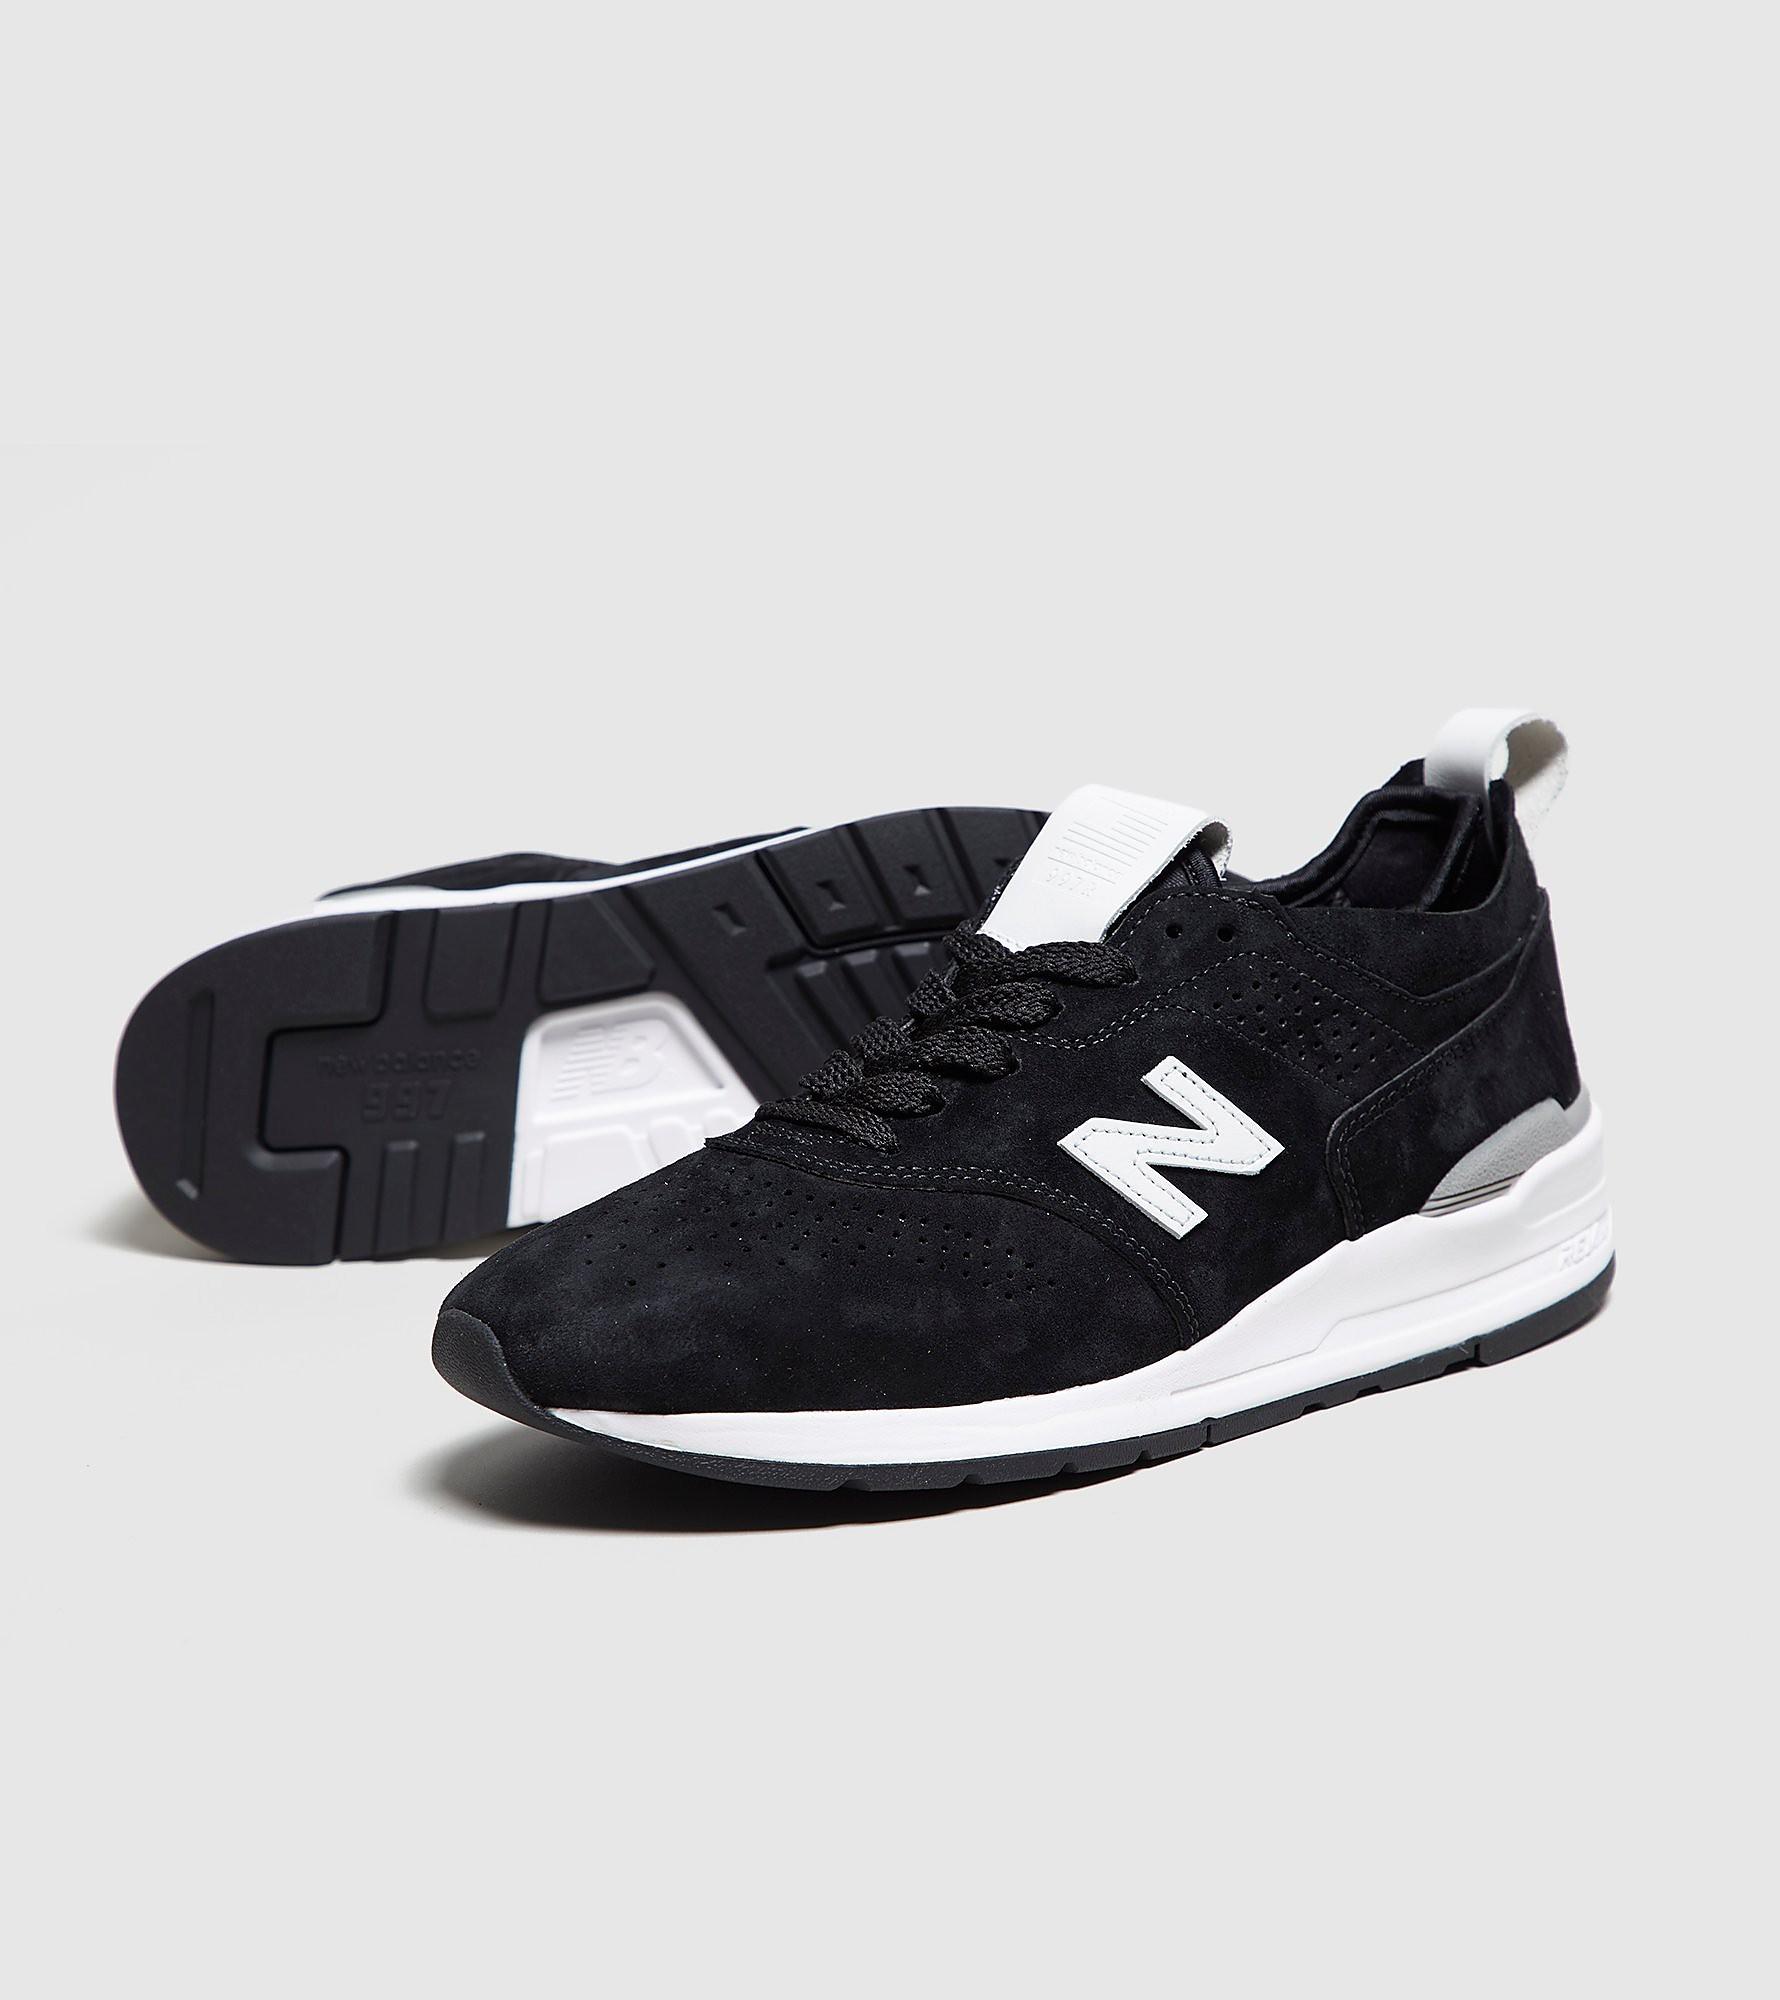 New Balance 997 'Made in USA'